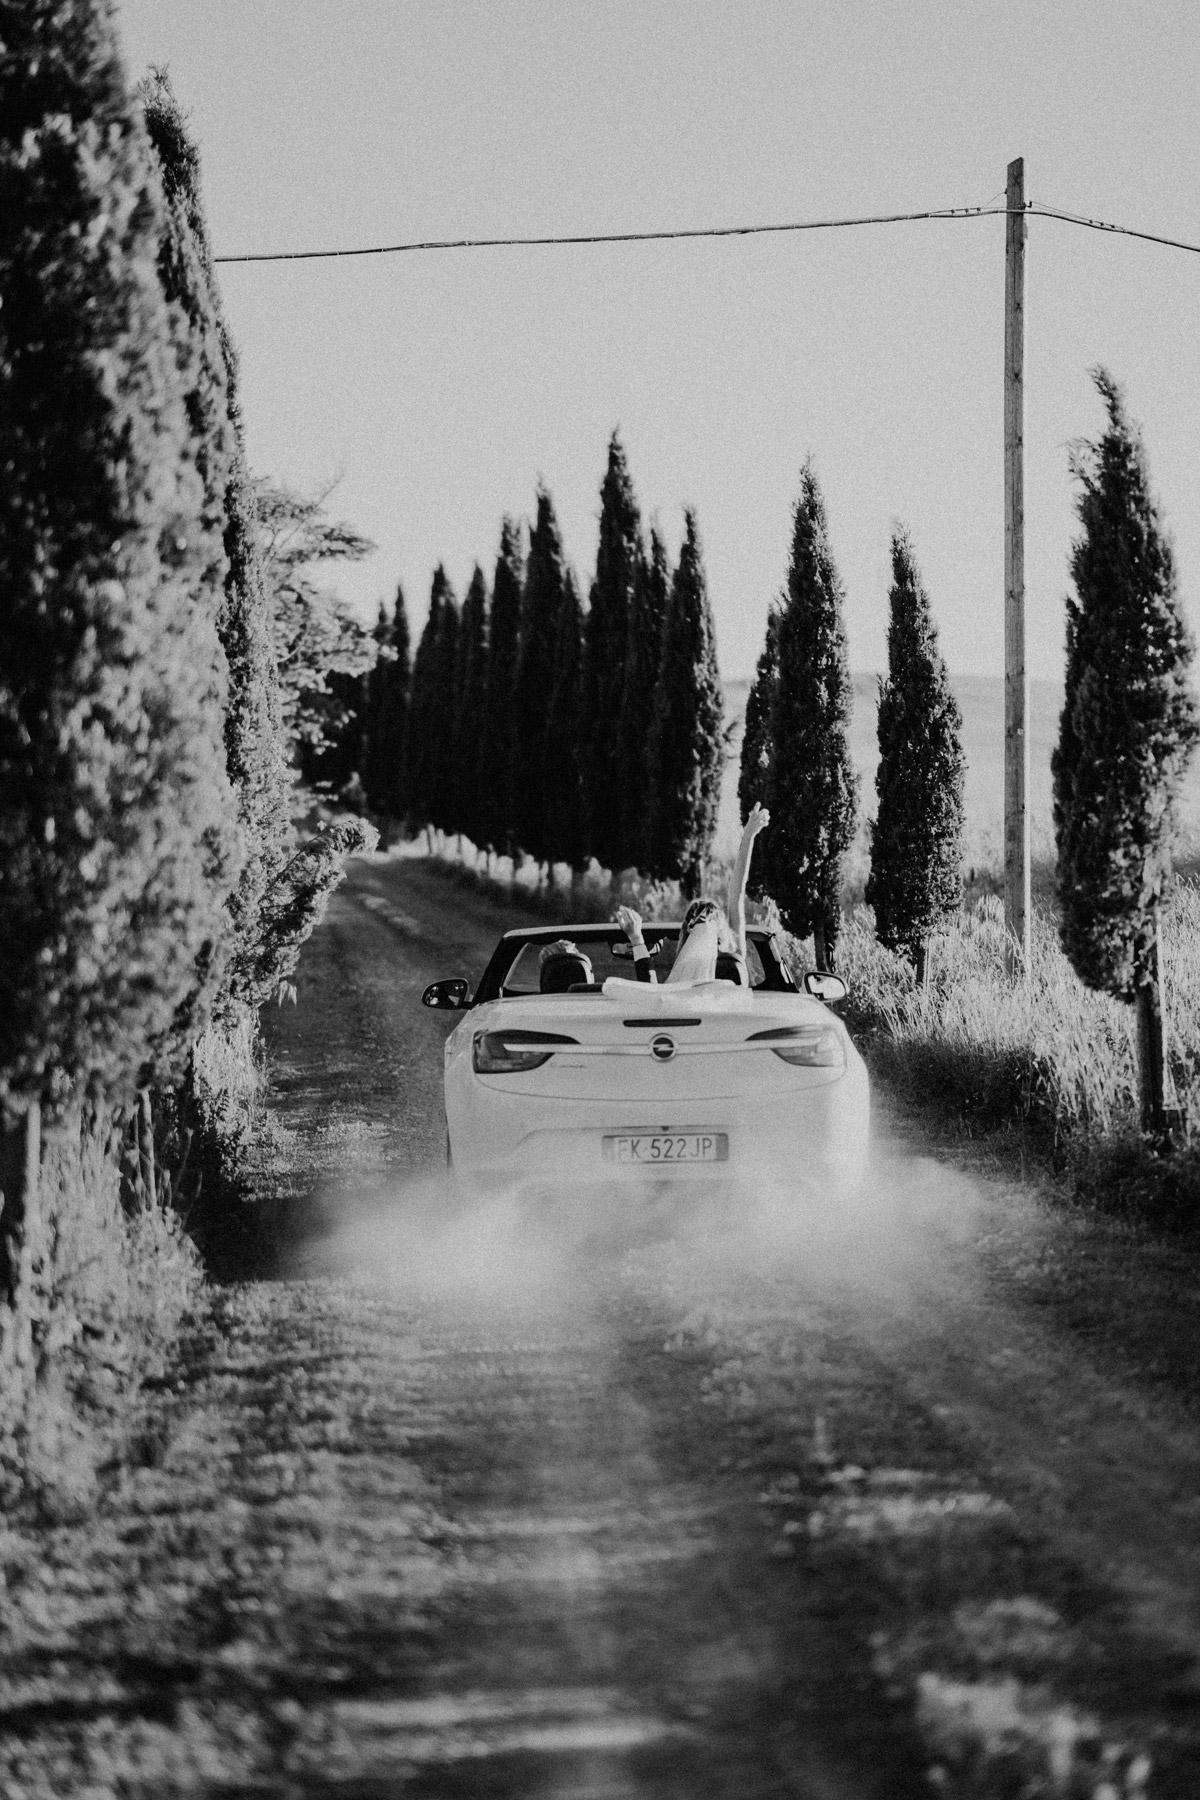 Hochzeitsauto Hochzeitsfoto Idee Brautpaarshooting mit Cabrio Auto auf Italien Hochzeit in Toskana von #hochzeitslicht Hochzeitsfotograf und Hochzeitsvideograf aus Berlin © www.hochzeitslicht.de